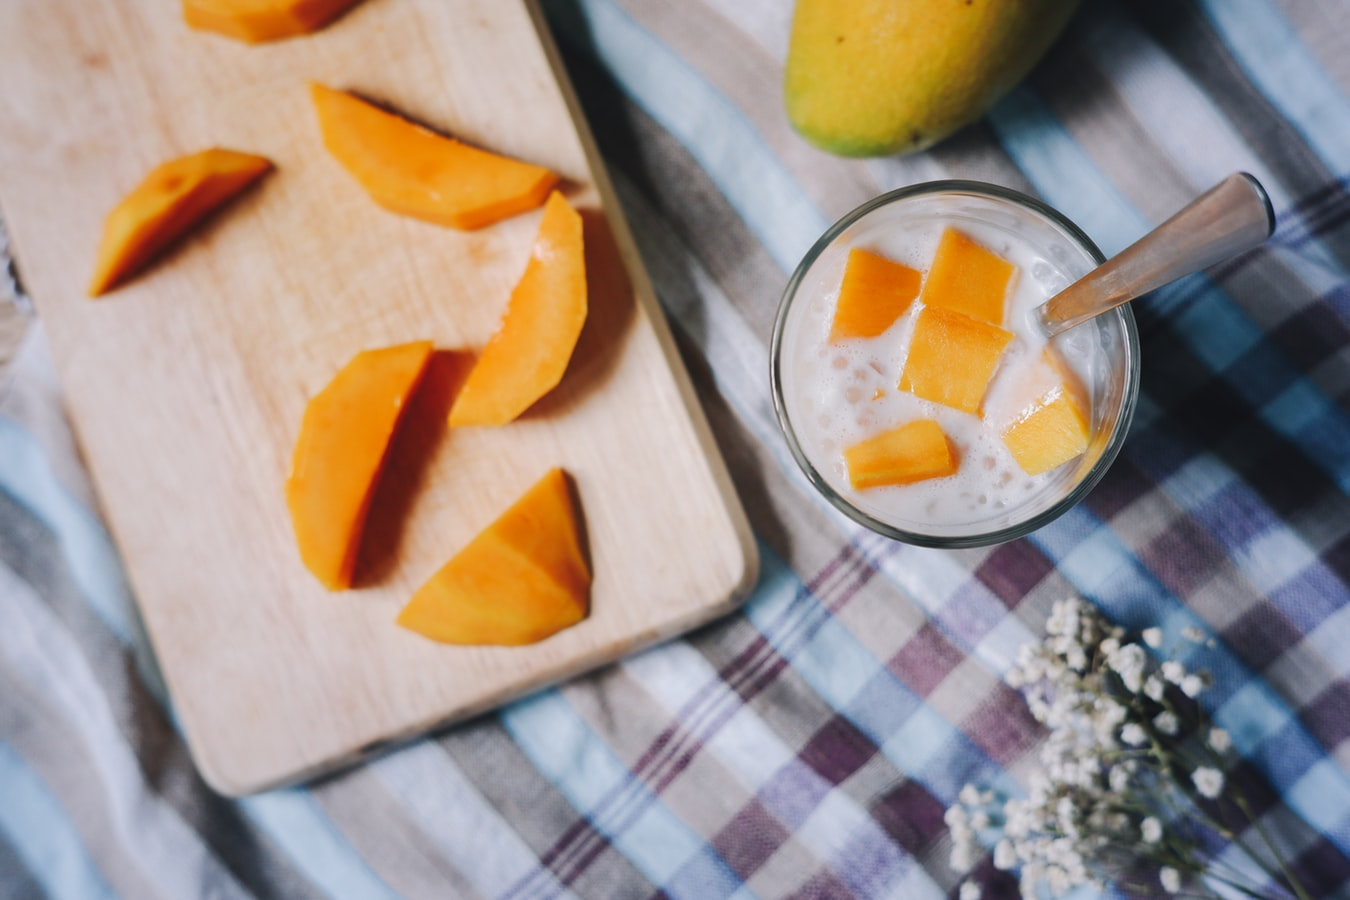 芒果中含有的沒食子酸,有幫助身體消毒、排除多於熱能的功效,在冰品中加入它,讓你在炎炎夏日保持涼爽,避免中暑,真不愧是夏天果王!